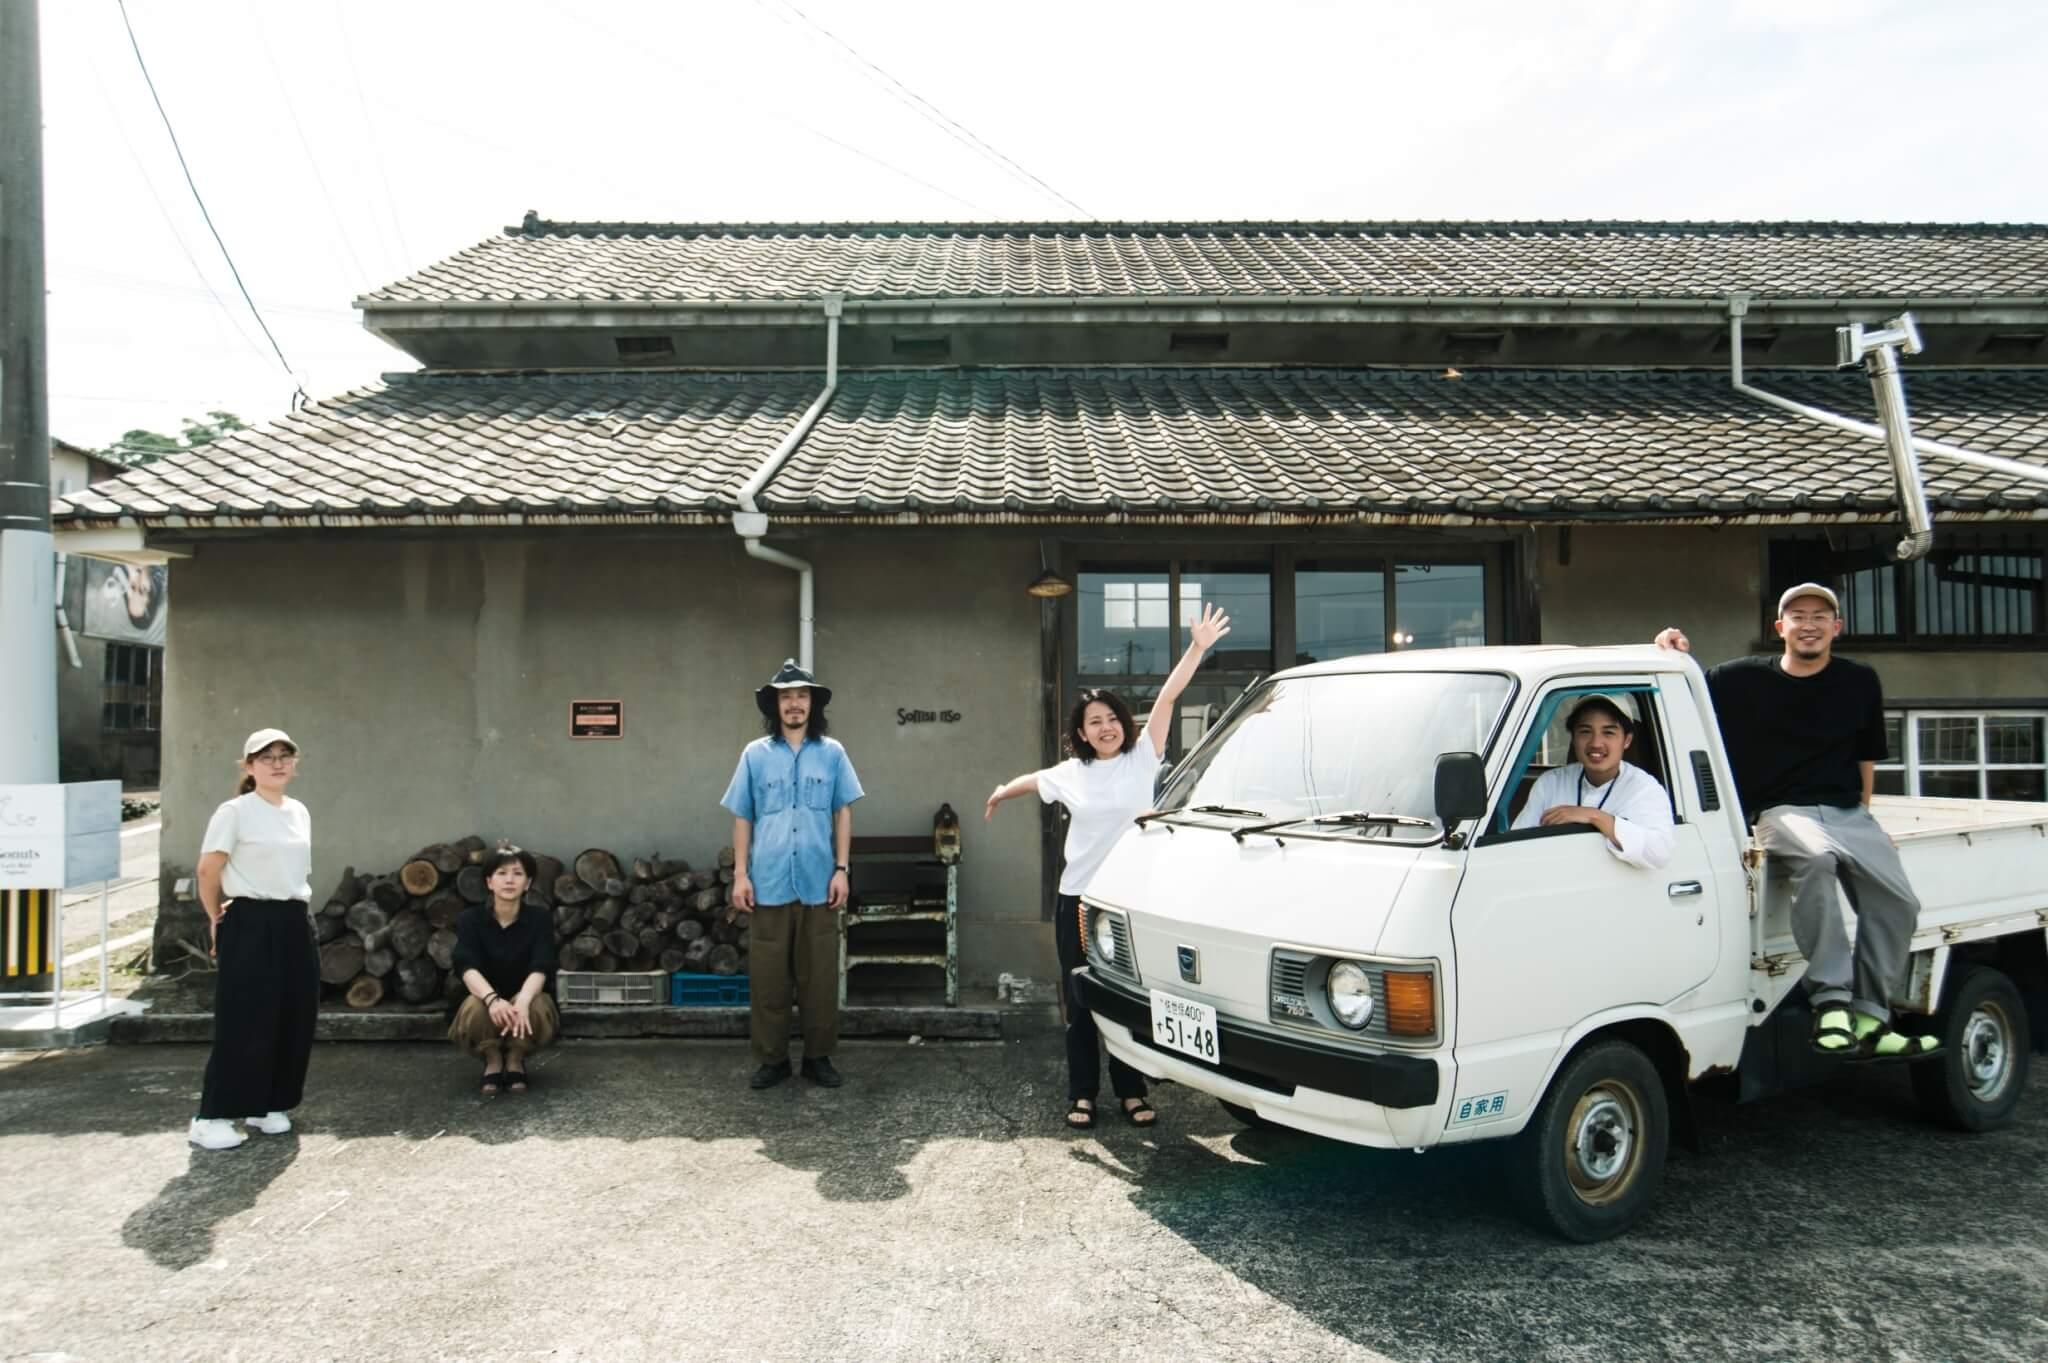 Sorrisorisoが「旧千綿村農協米倉庫」として景観資産に登録して ...